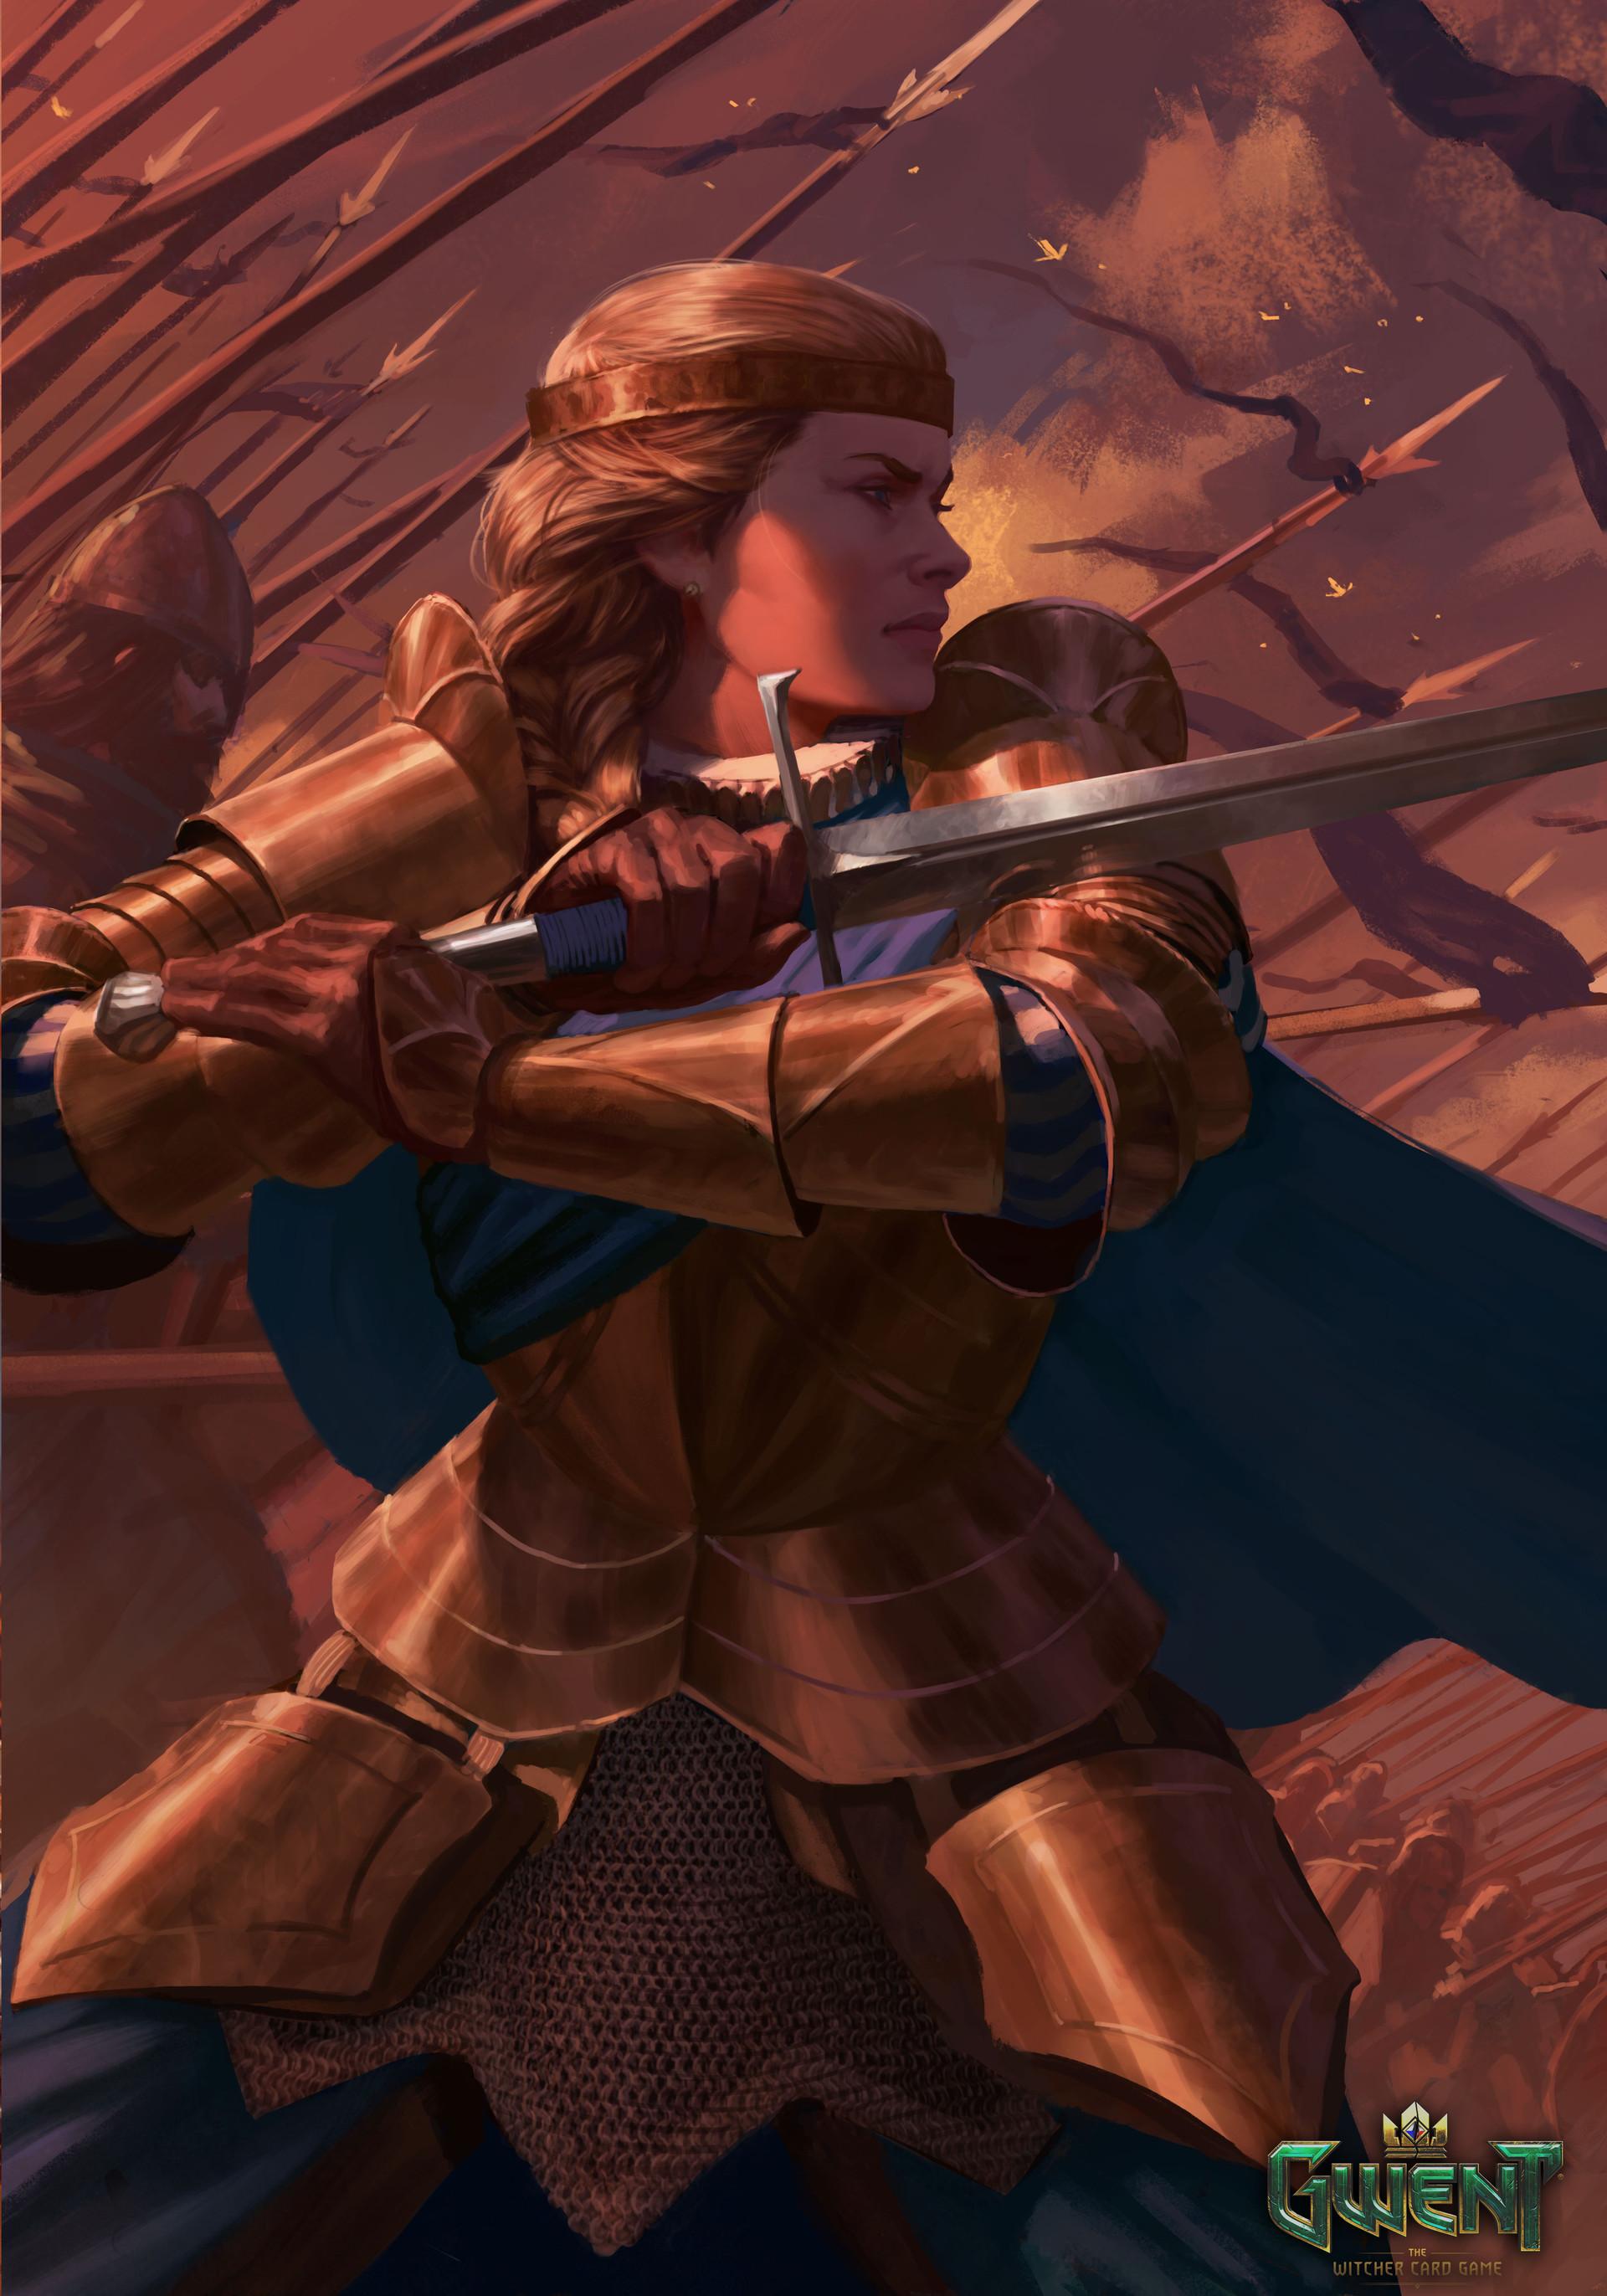 Manuel castanon meve sword